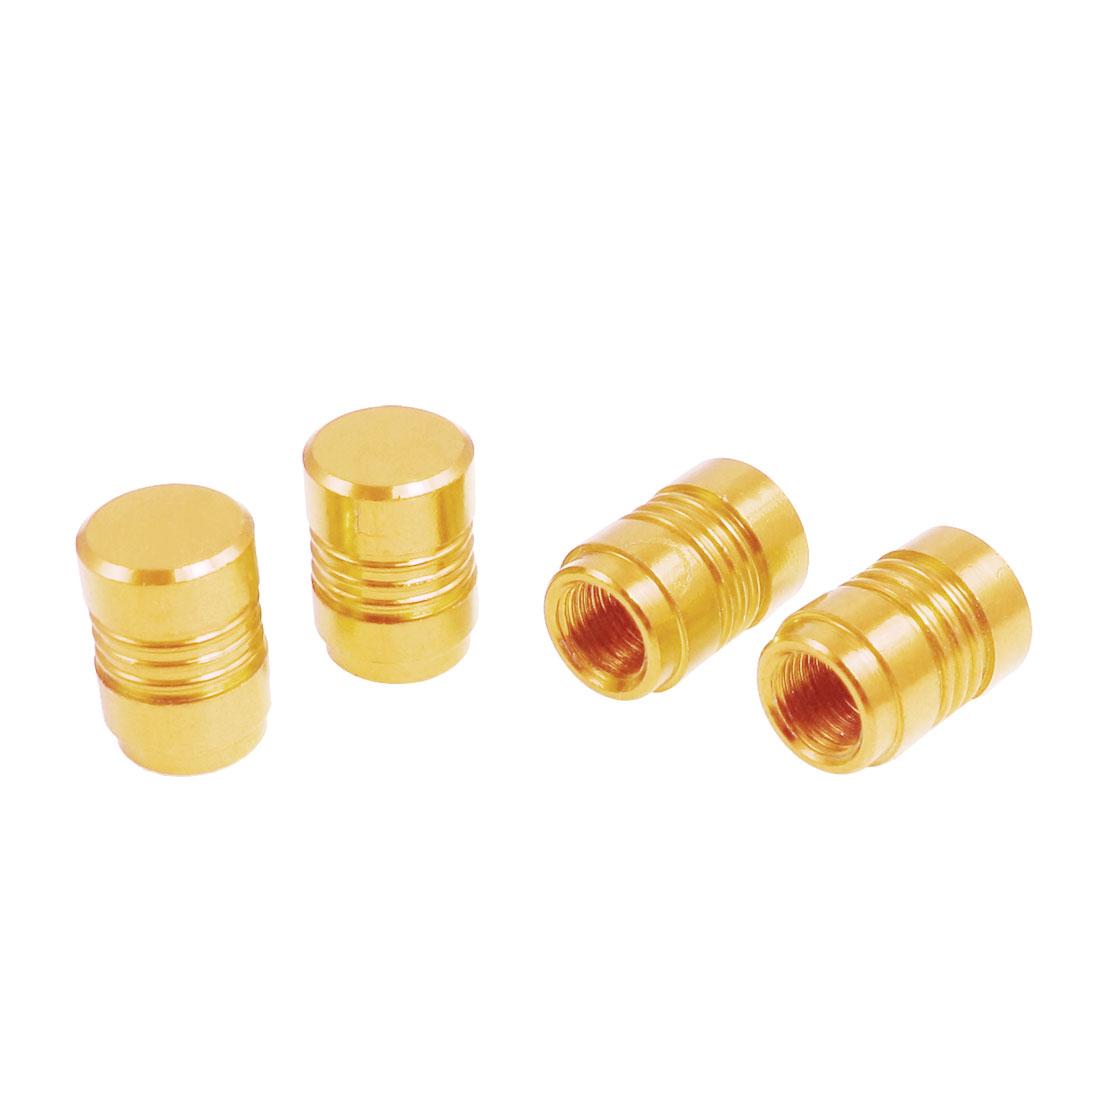 4 Pcs Gold Tone Alloy Car Auto Tire Valve Cap Cover Replacement